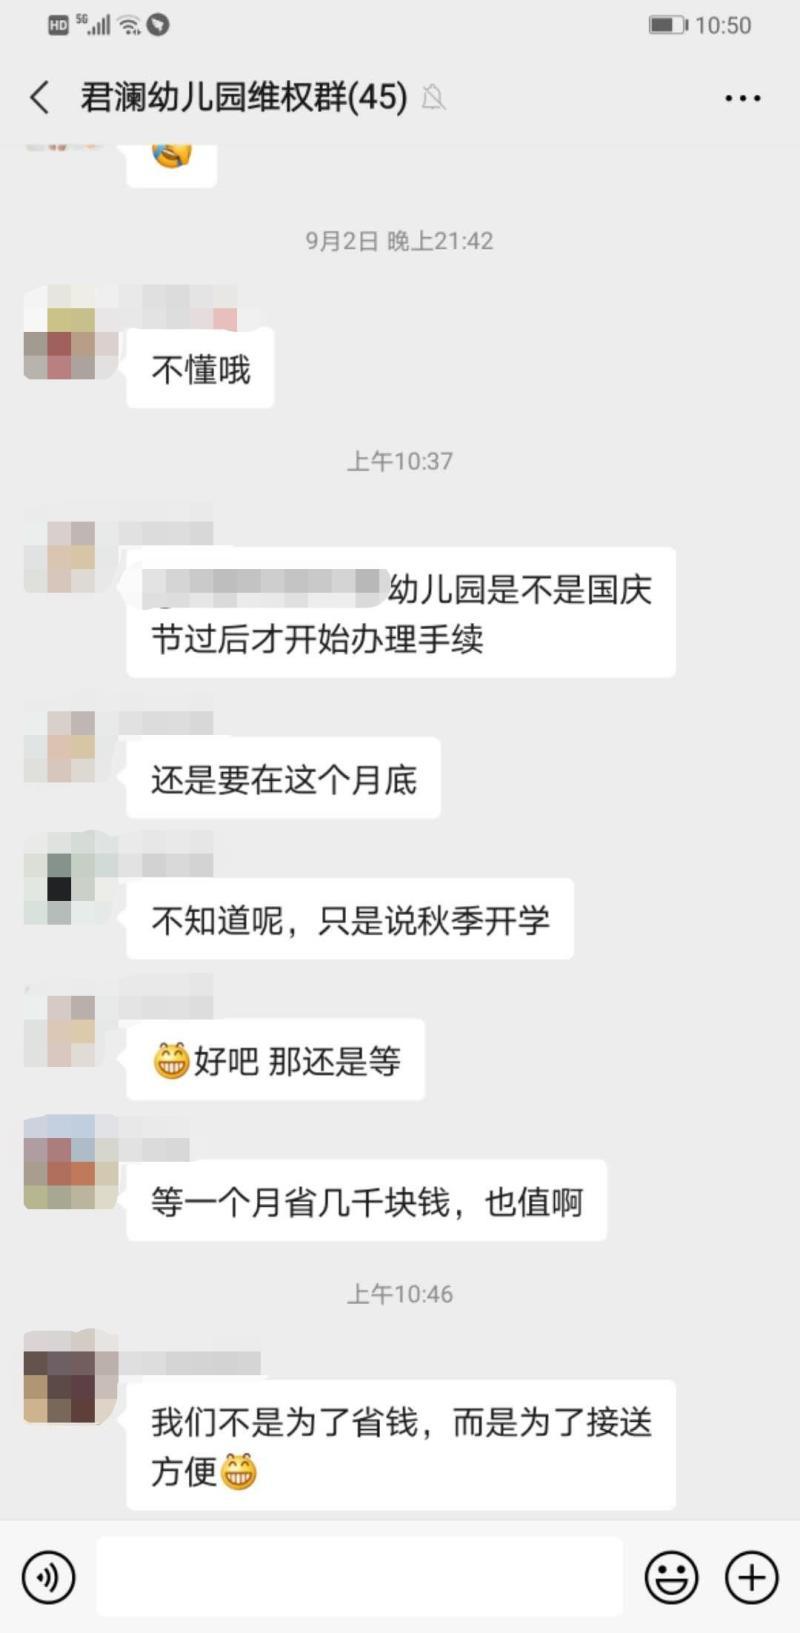 最新爆料!南宁万科/华润/霖峰3起学区维权后续跟踪!